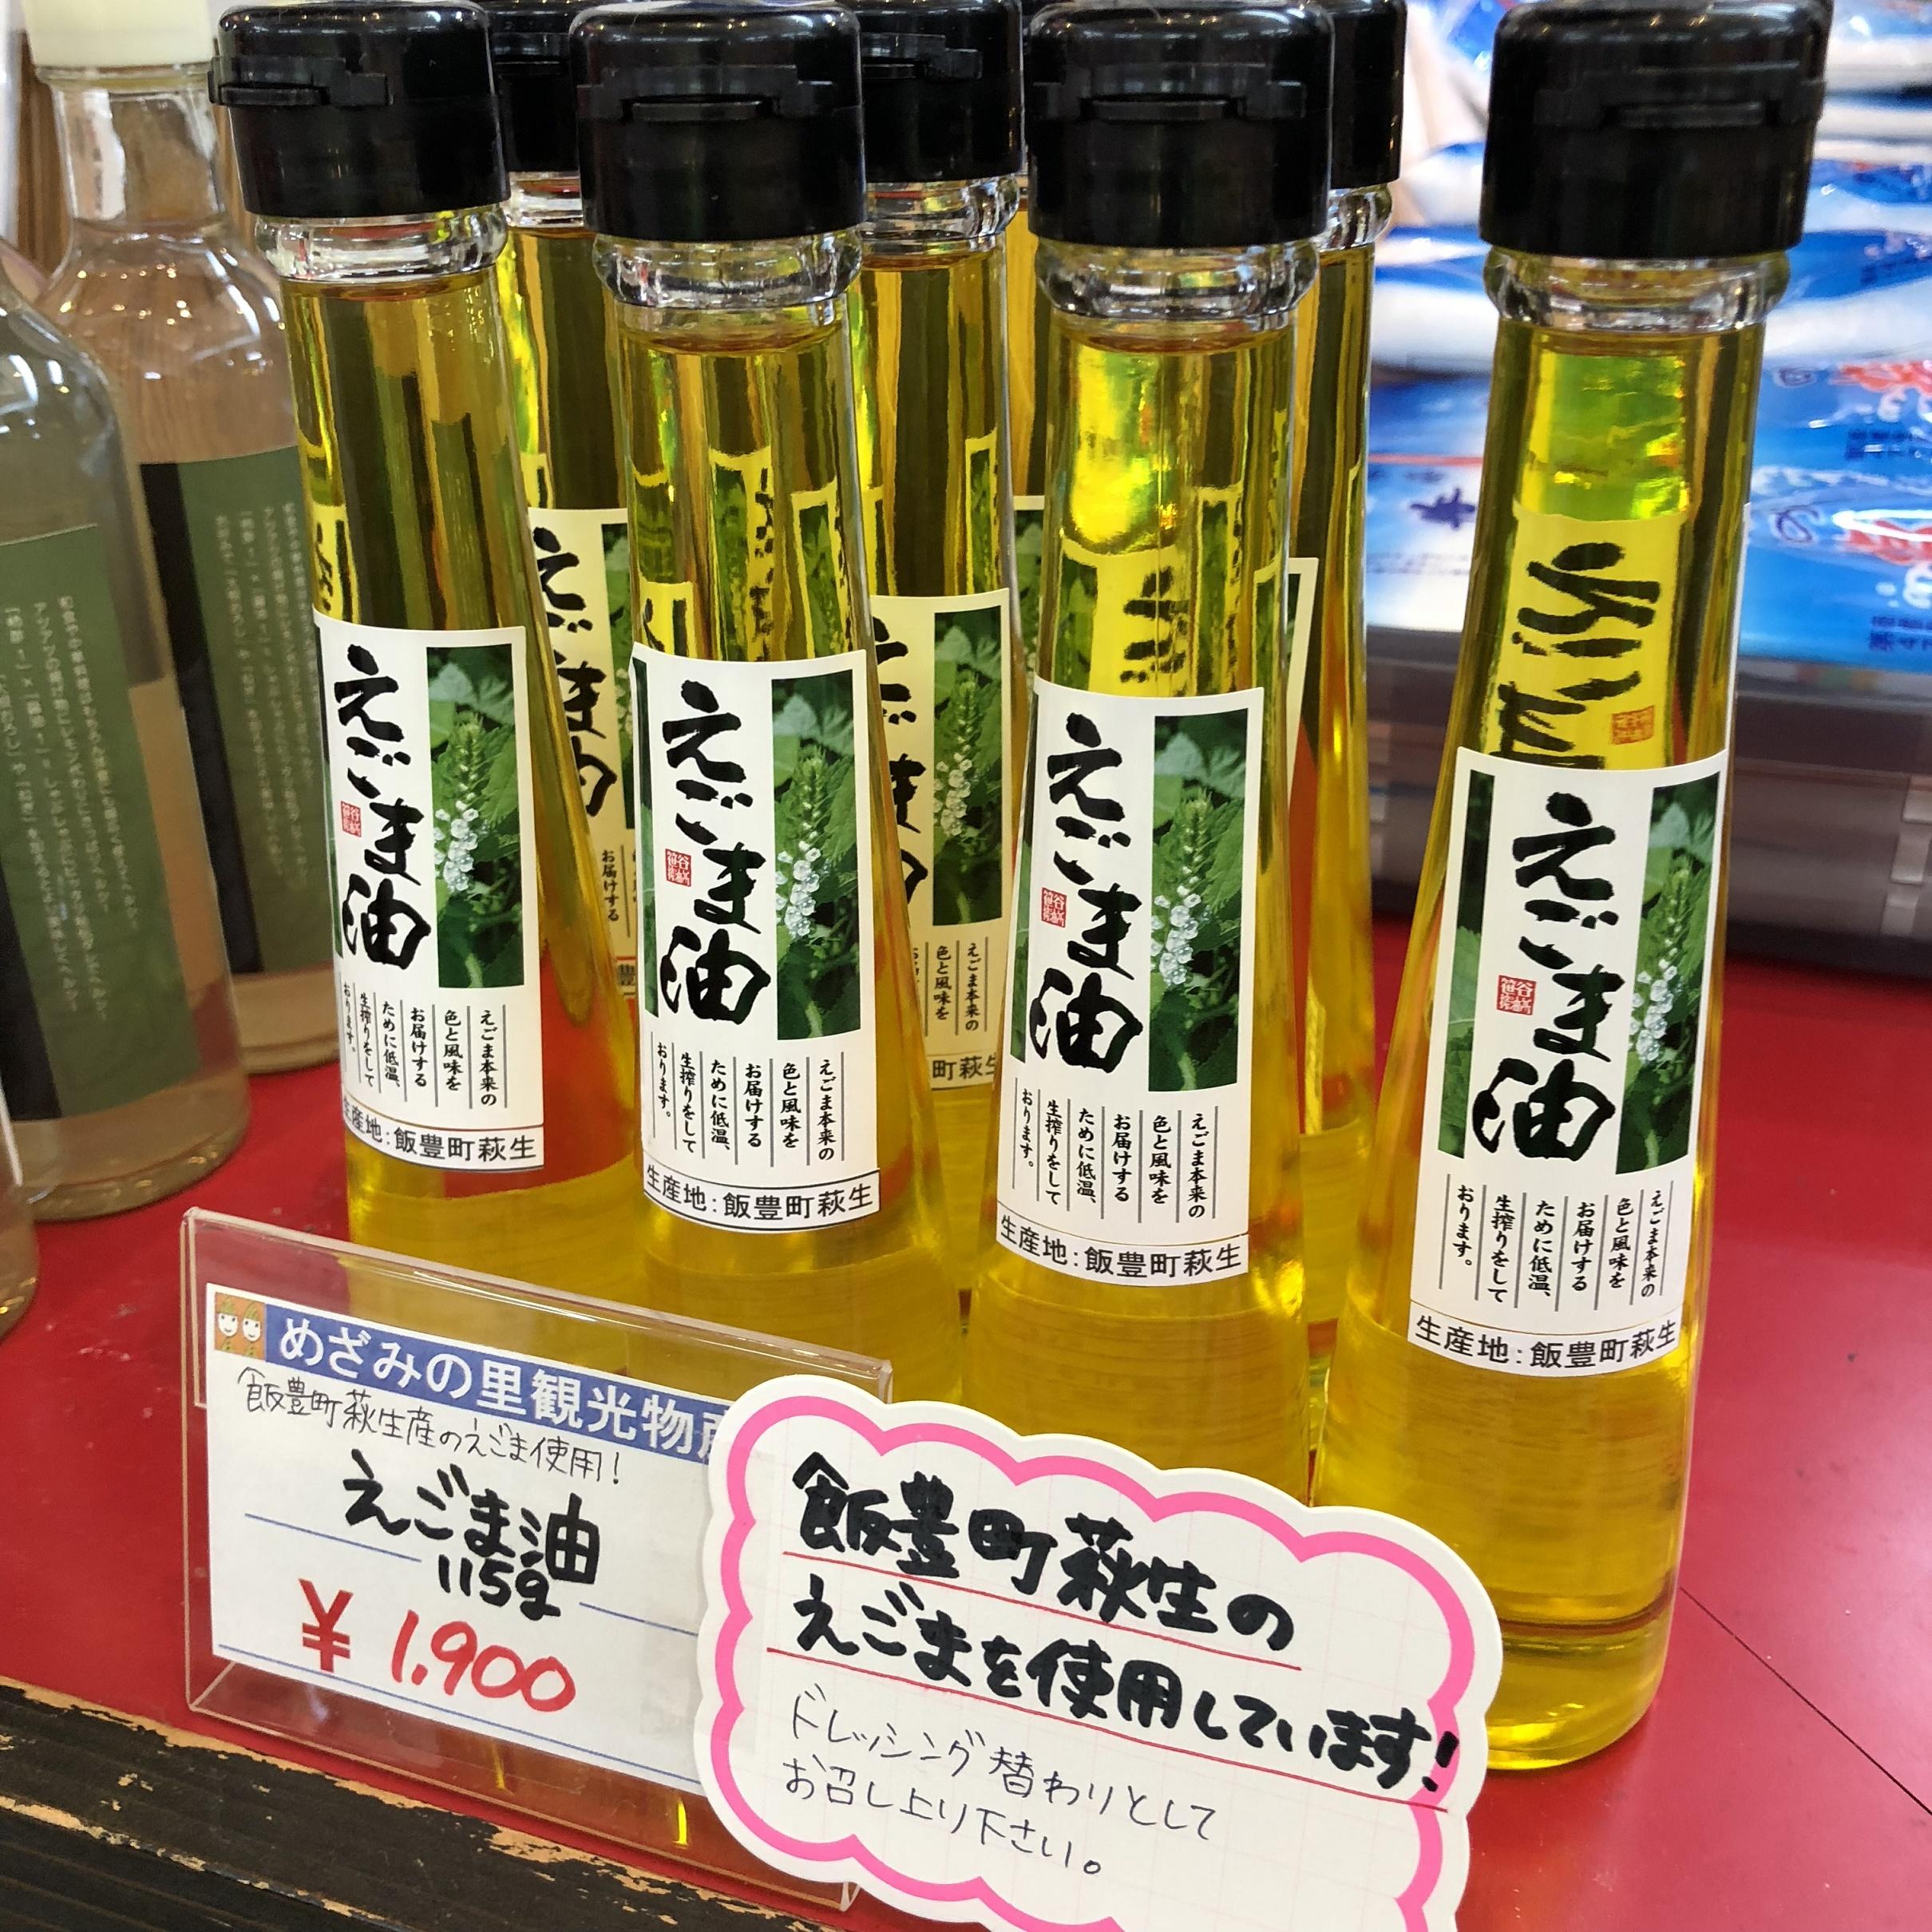 Perilla oil! Use of perilla from Iitoyo! : Image